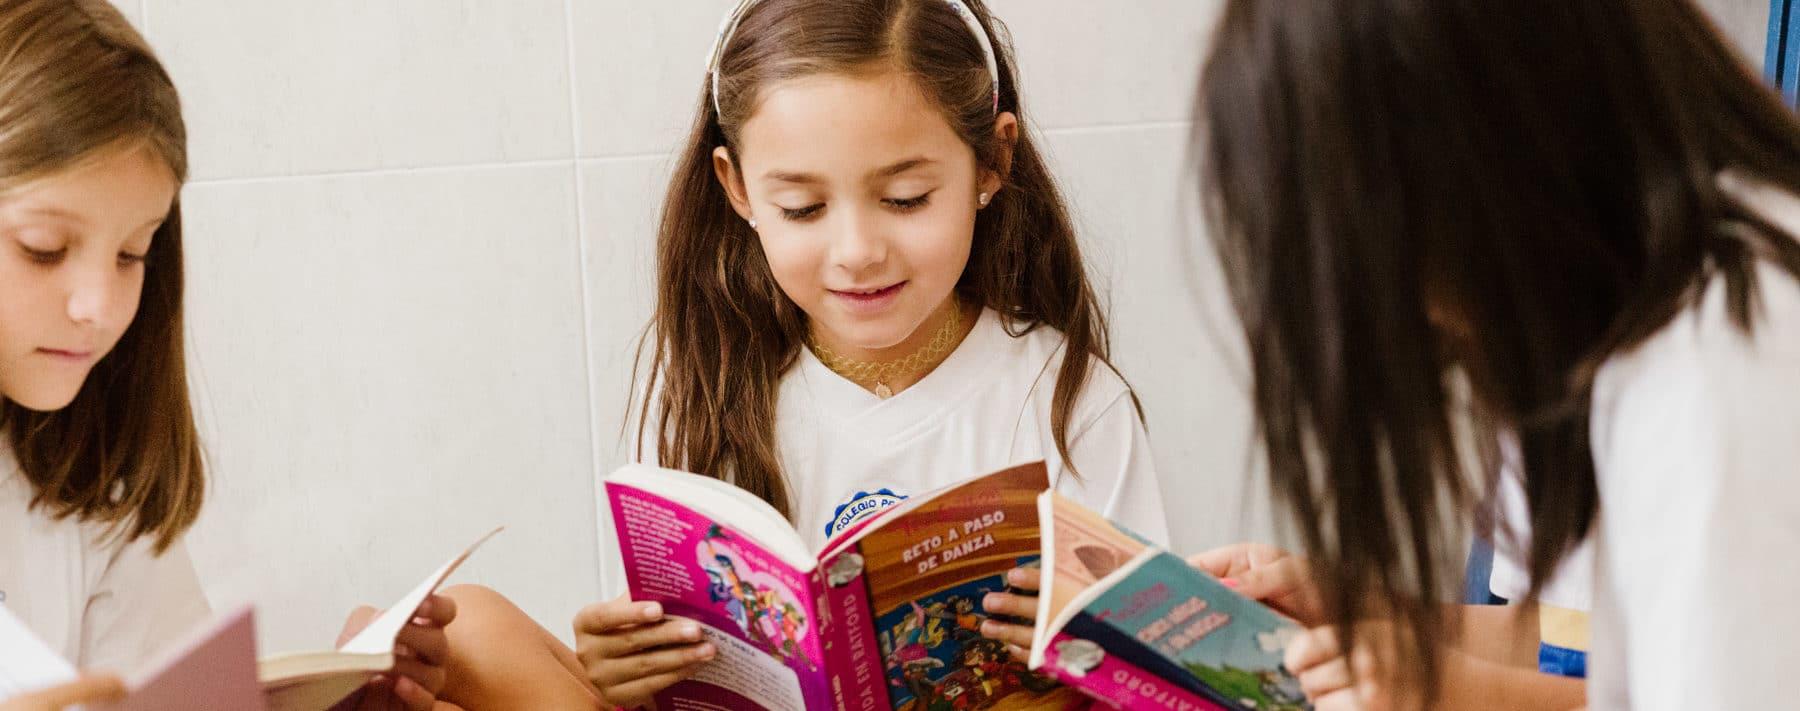 Aprendiendo a leer, Colegio La Luna